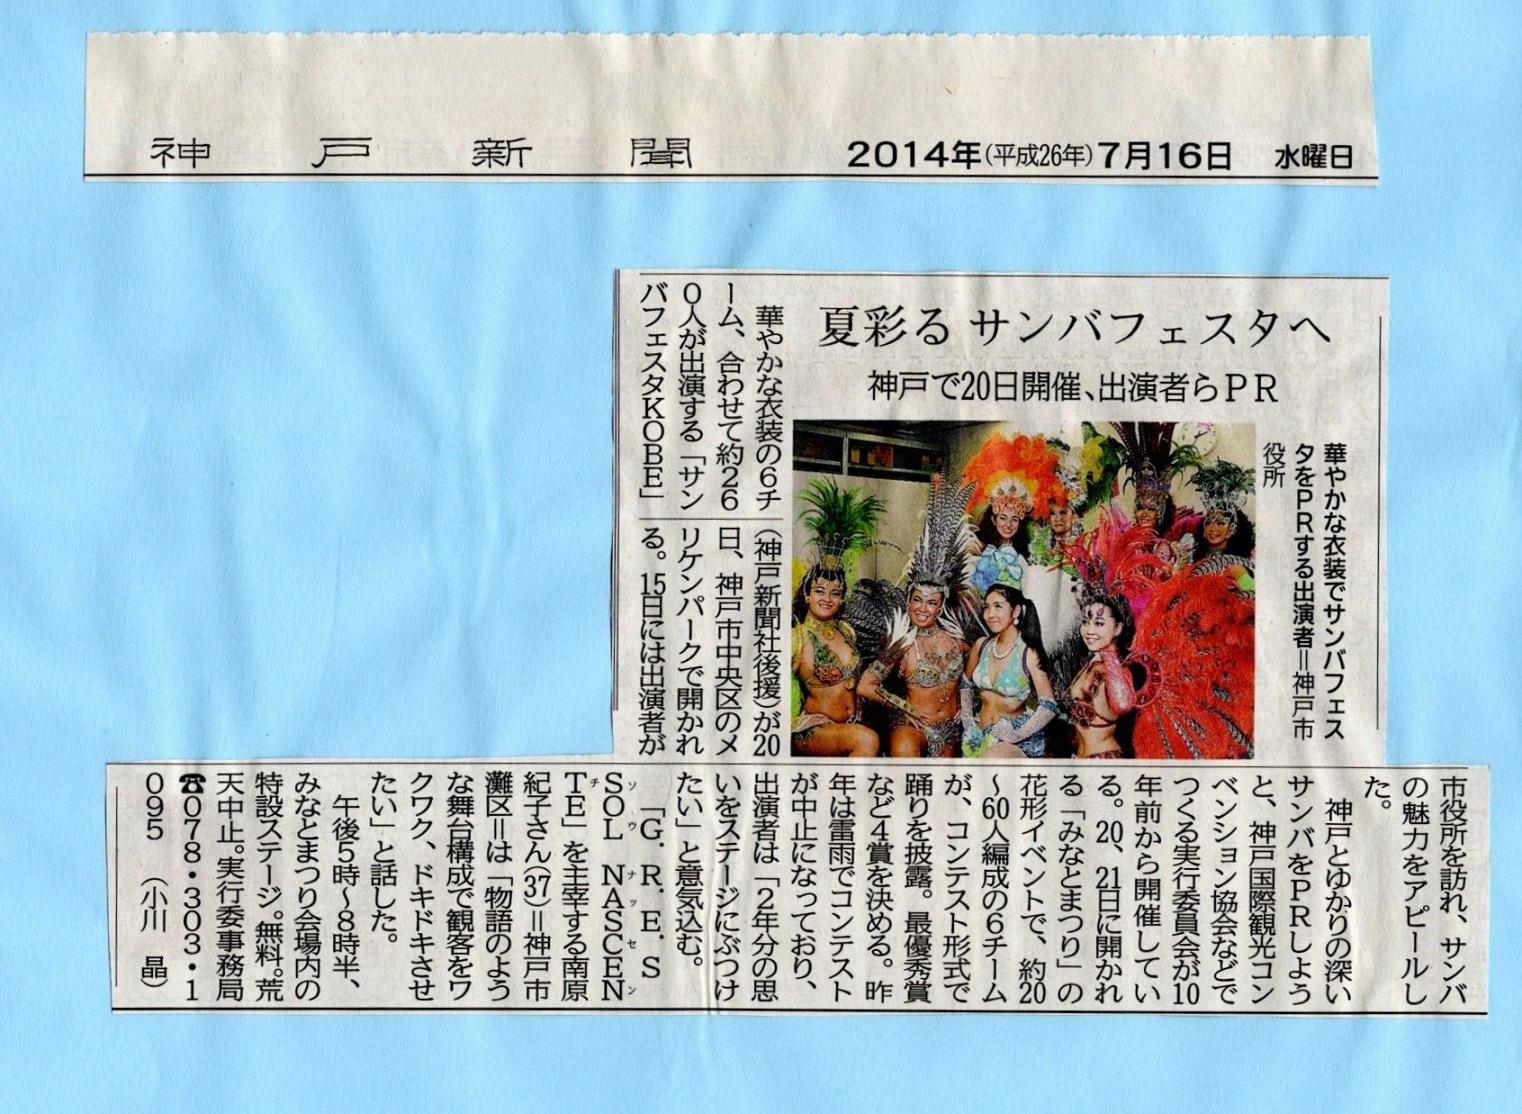 2014_07_16_kobe.jpg